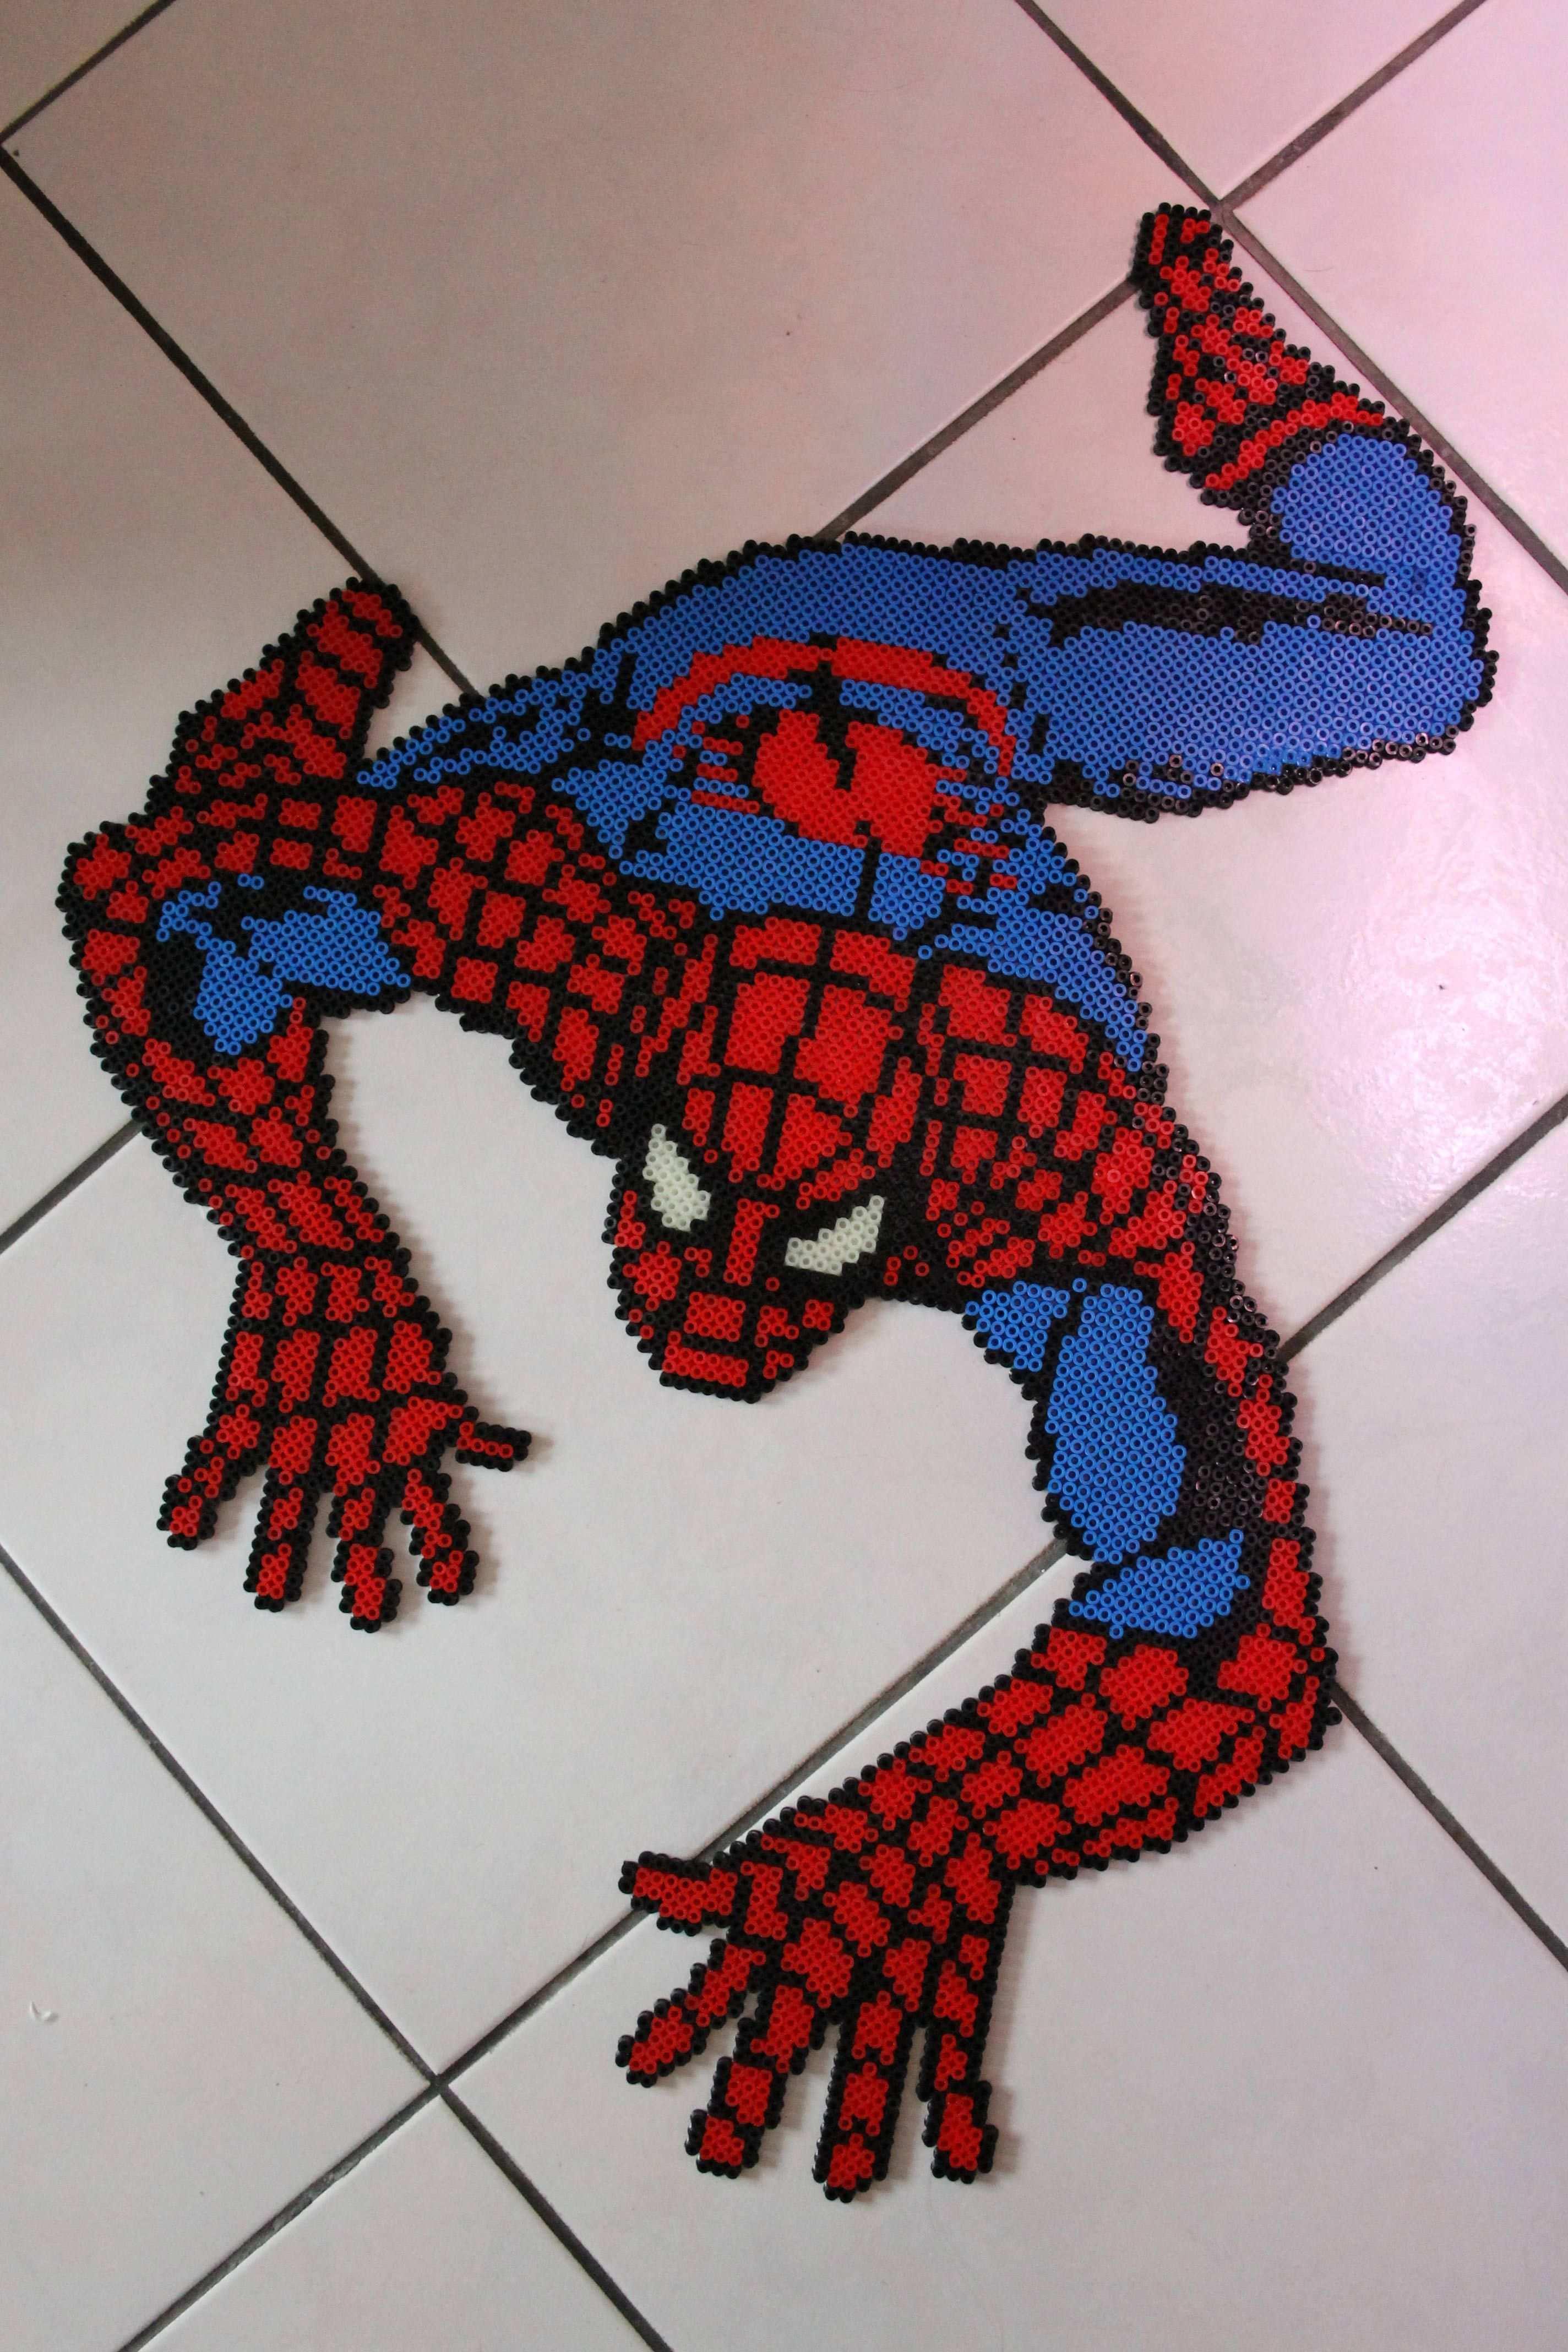 Spiderman Hama Beads Bugelperlen By Camille2008 Bugelperlen Hama Bugelperlen Bugelperlen Muster